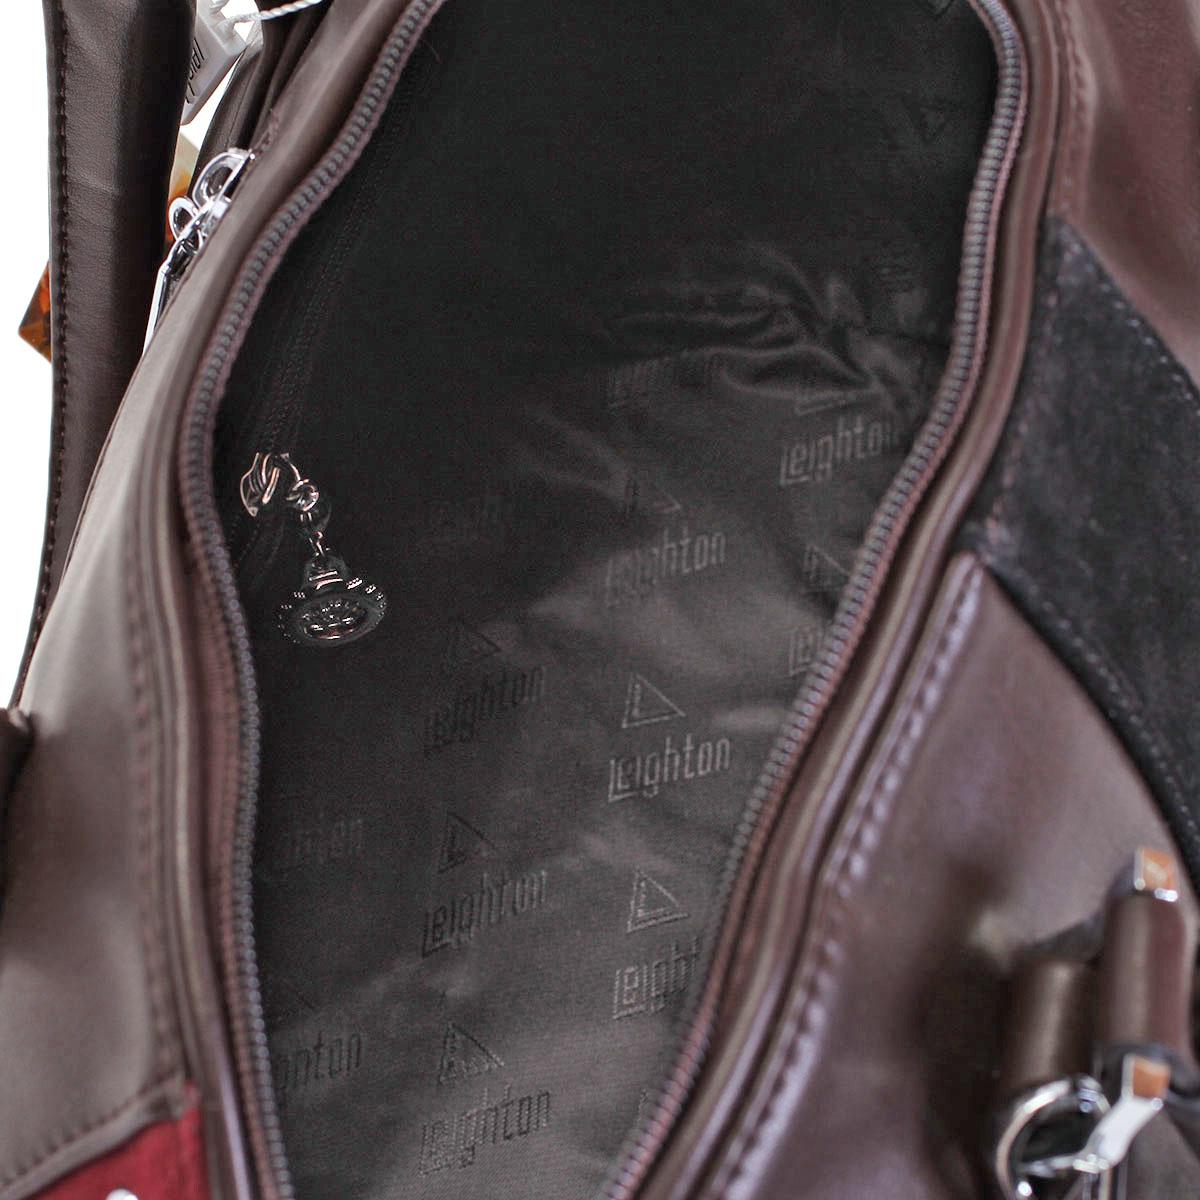 Сумка женская Leighton, цвет: коричневый, бордовый. 520306-1166/201/503/80 ( 520306-1166/201/503/80 )